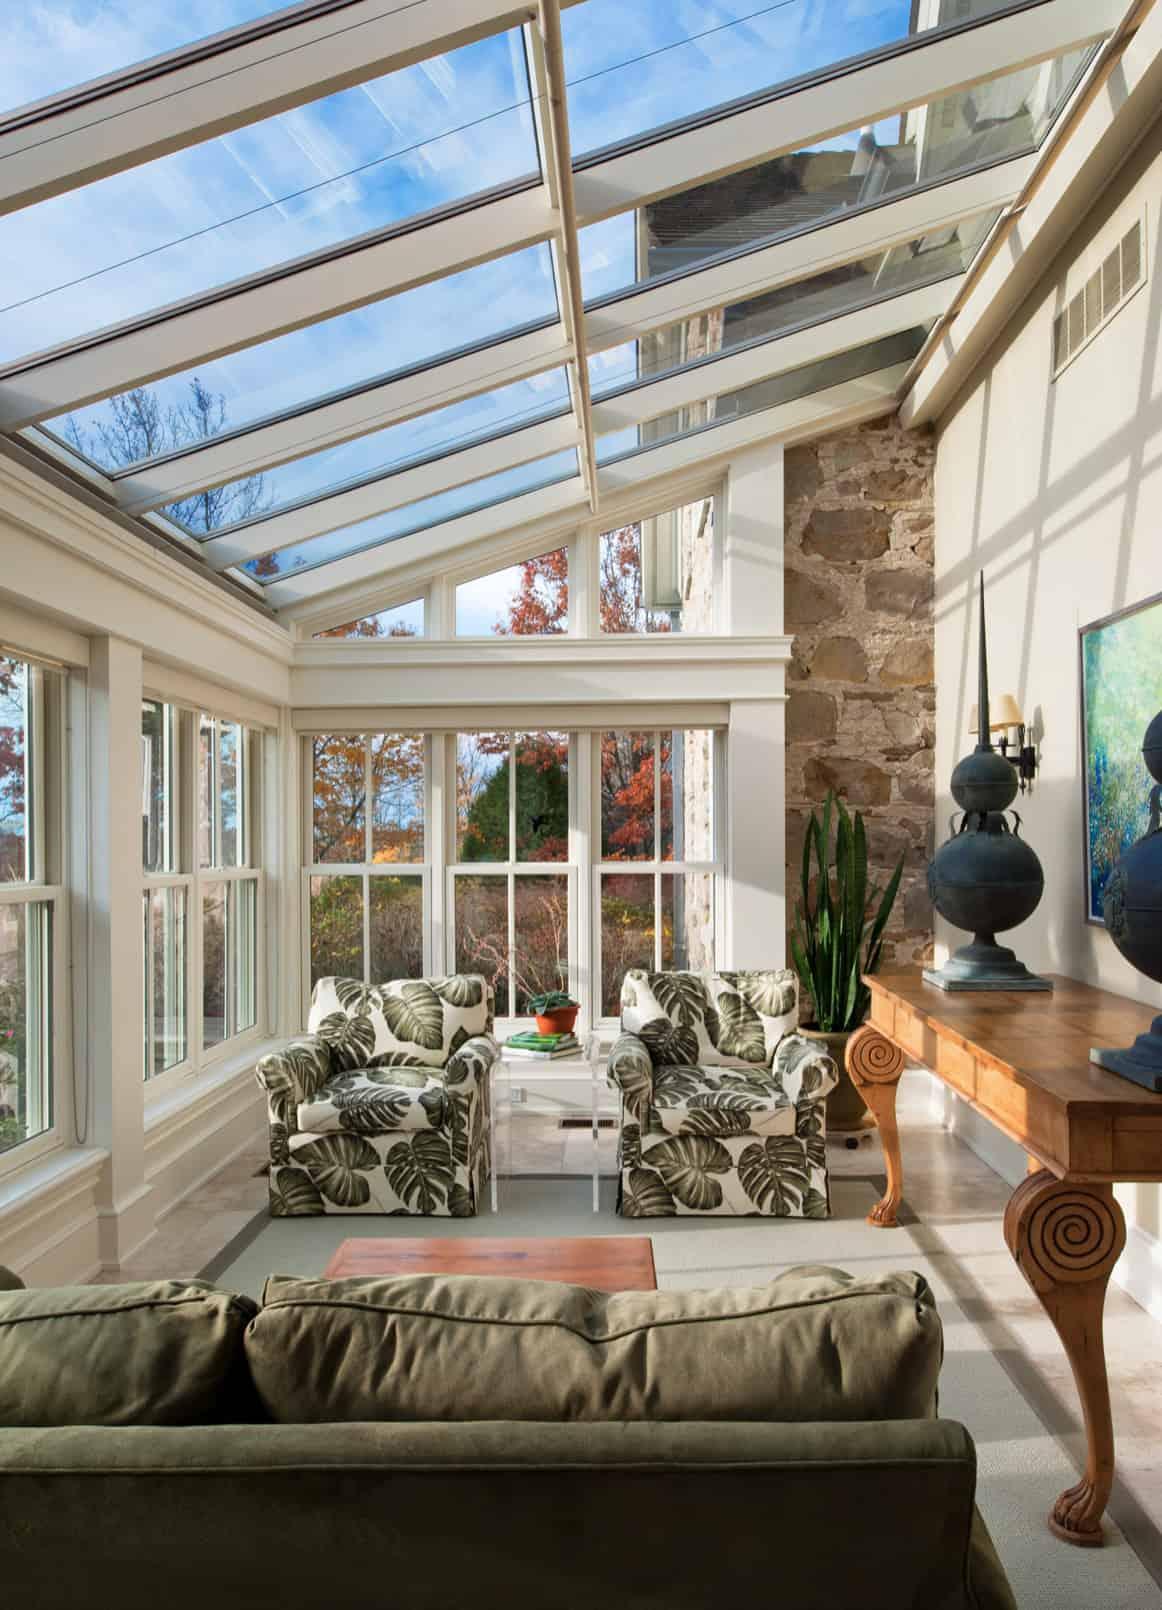 solarium-design-ideas-living-room